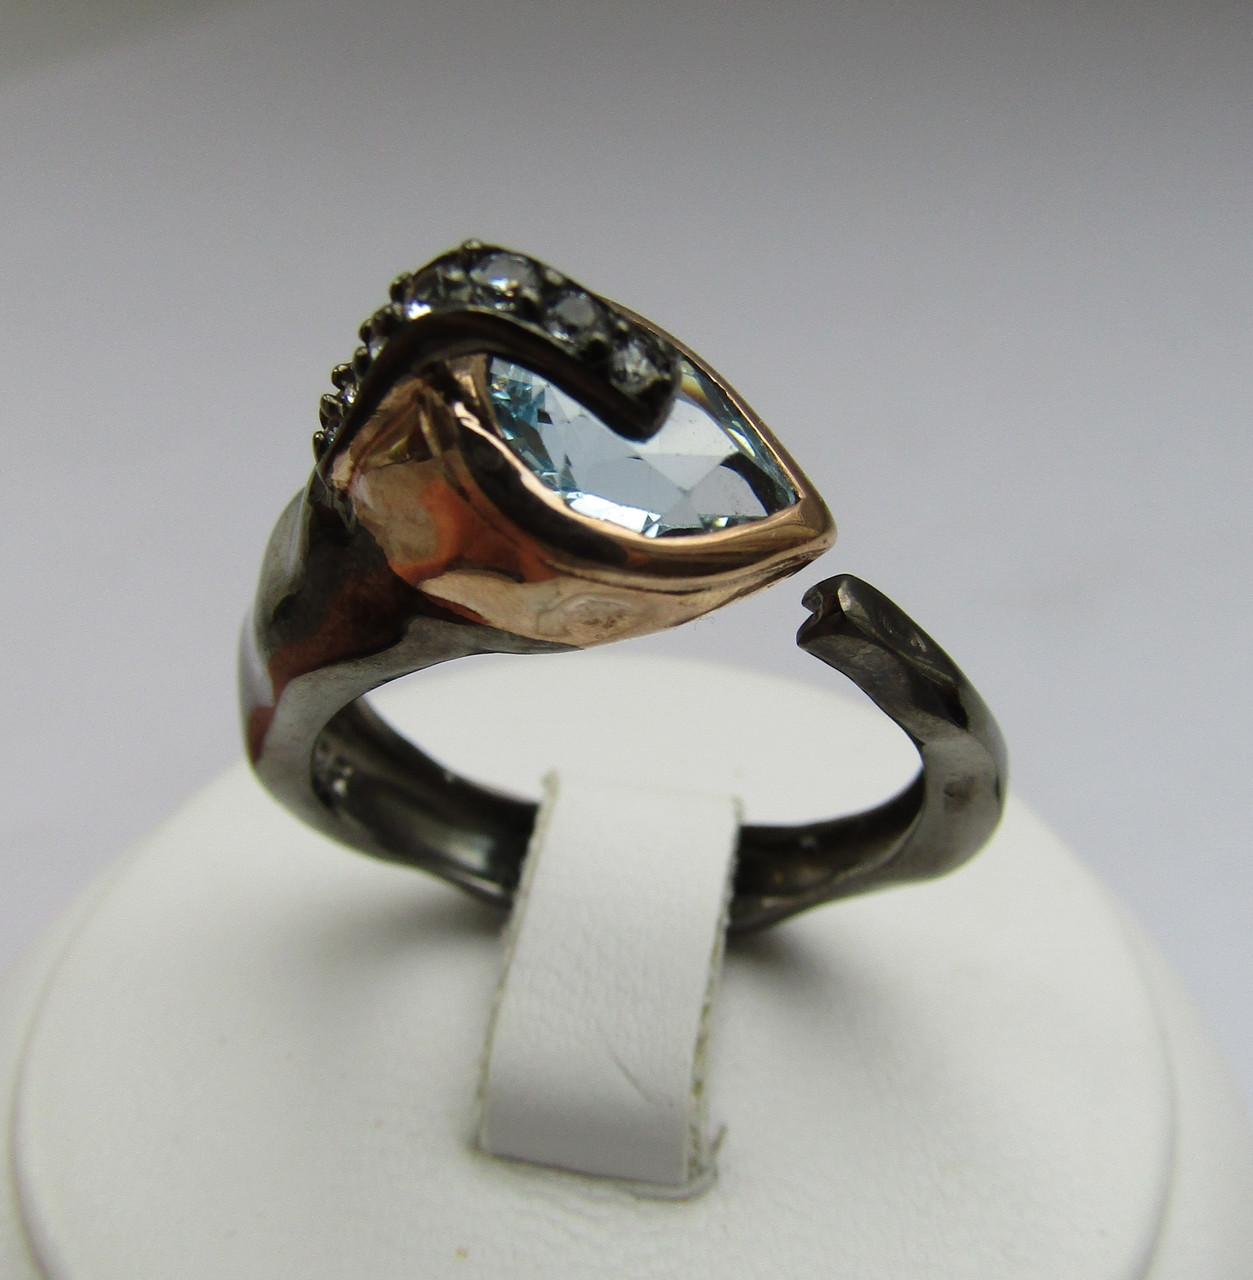 0127d0cac68c Необычное кольцо с топазами. Серебро, черный родий, позолота - ФИЛИГРАНЬ в  Сумах